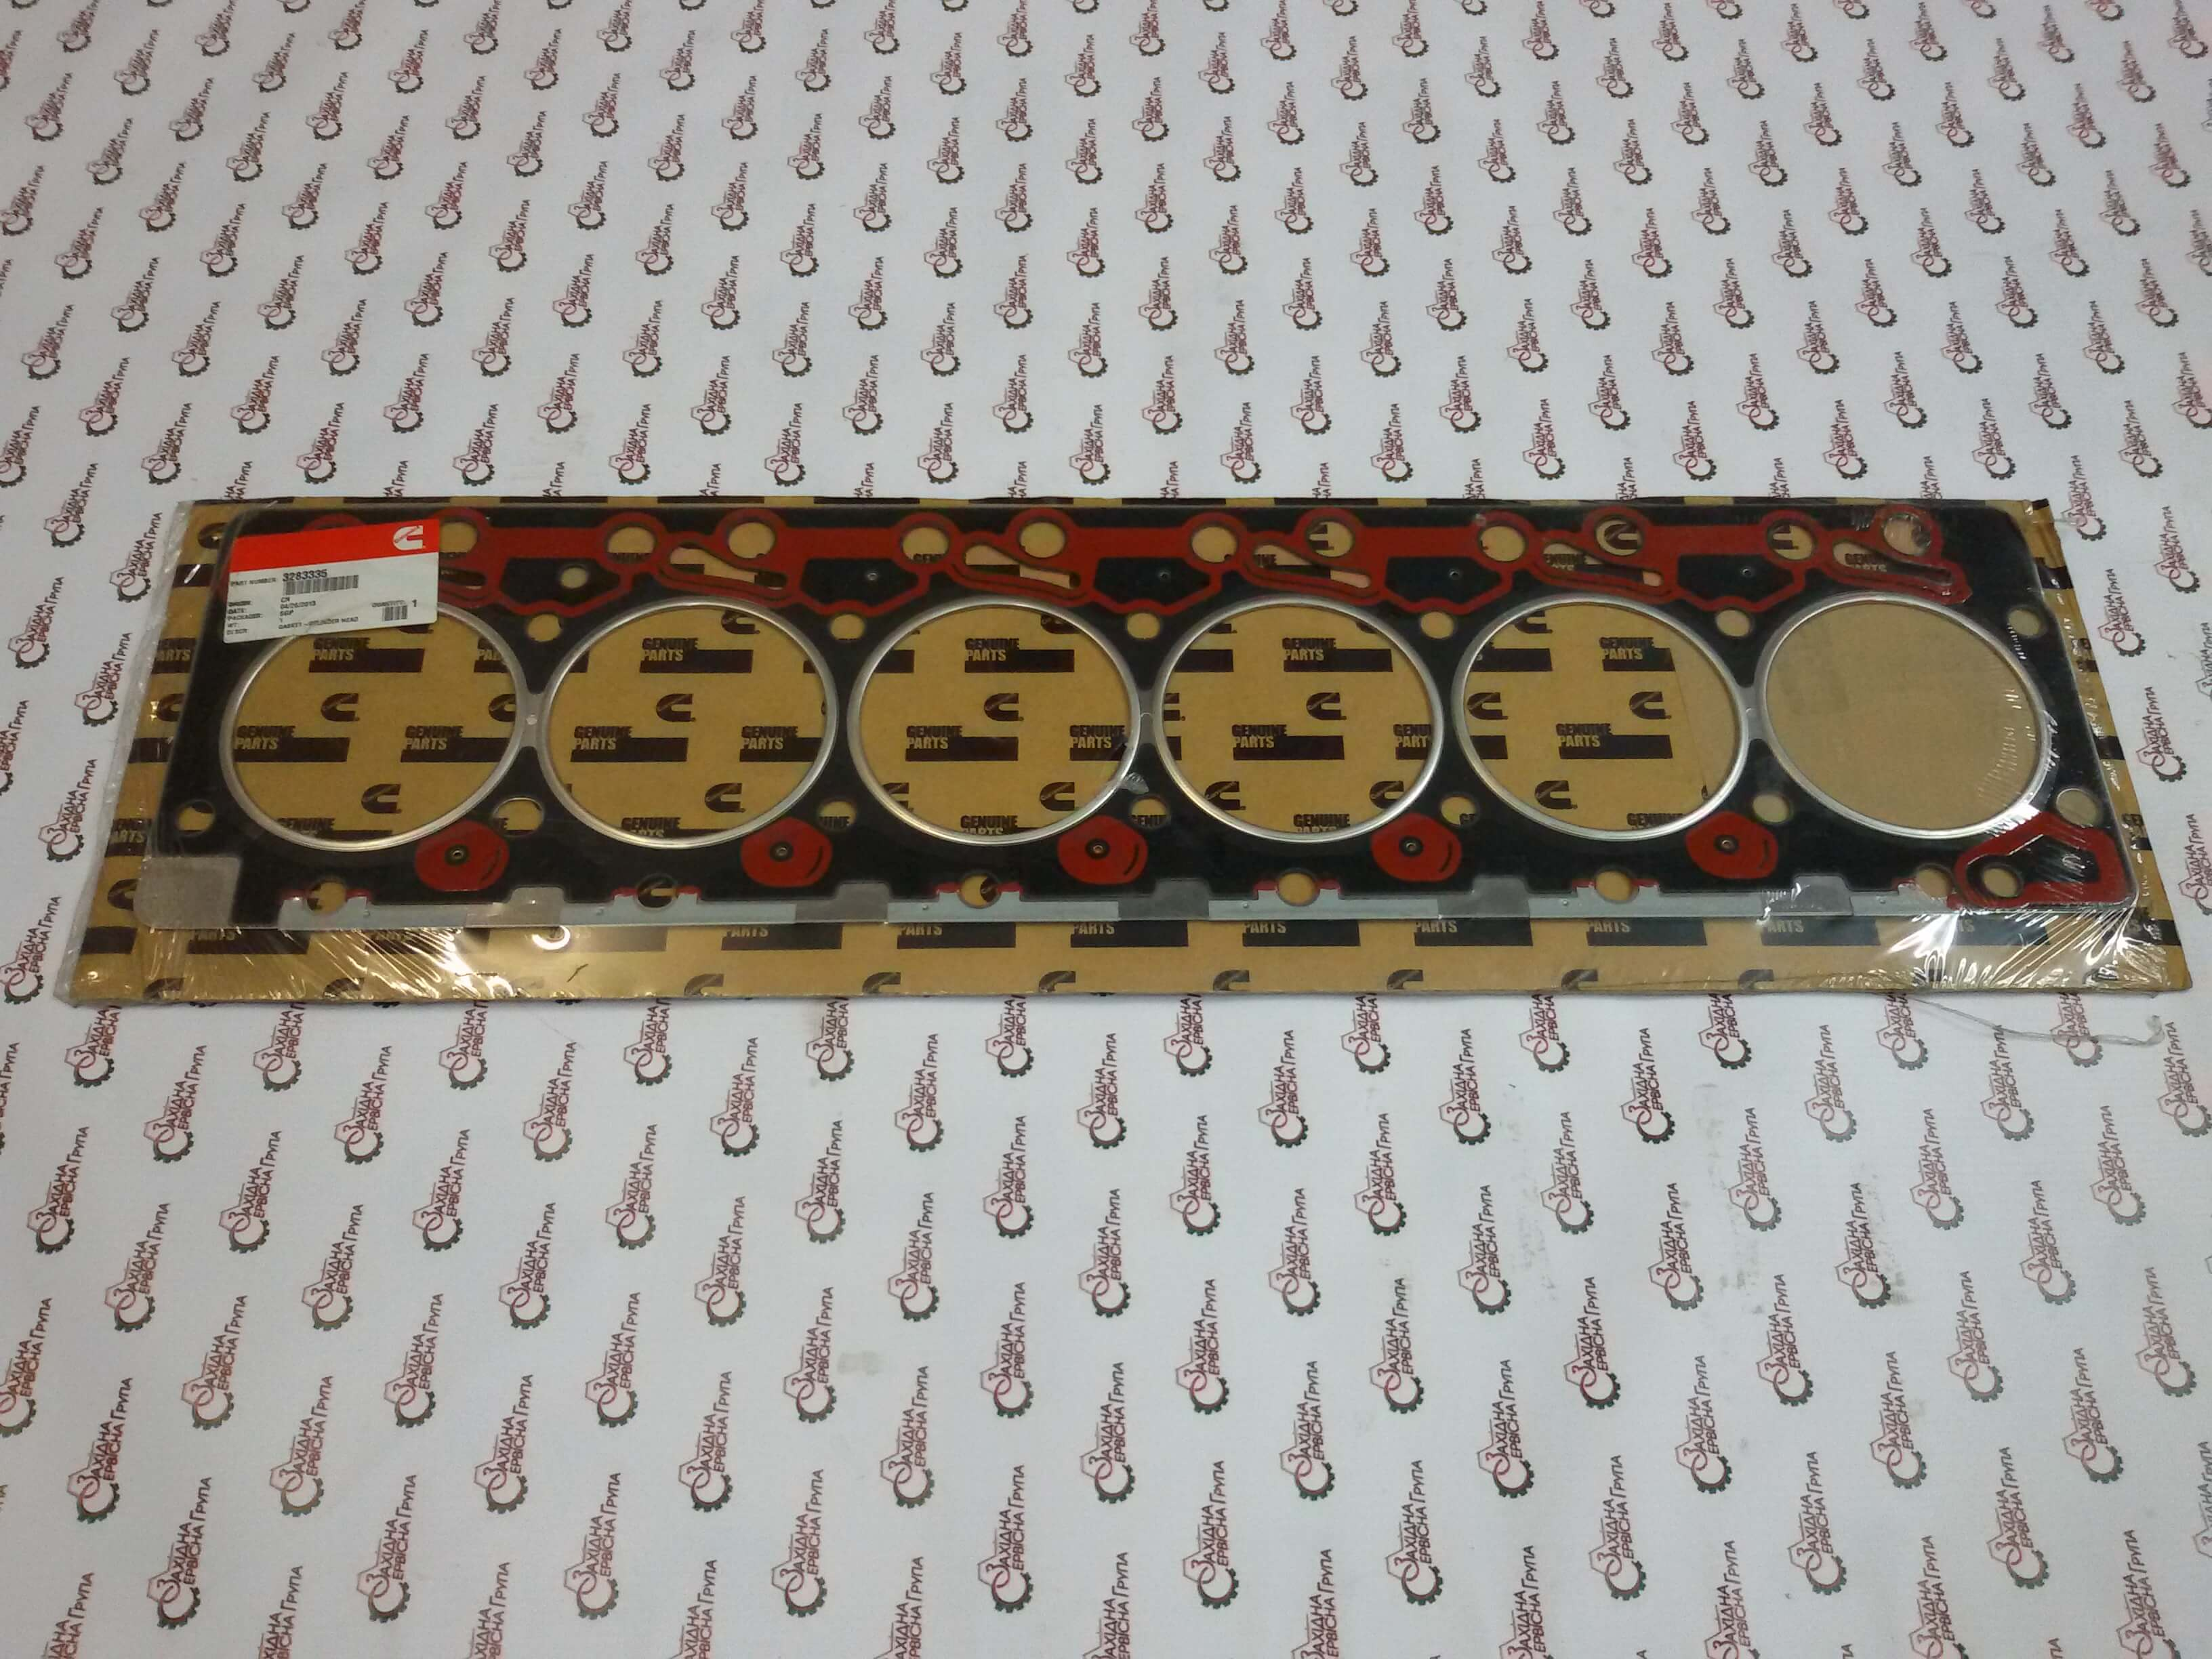 Прокладка головки блоку циліндрів Cummins 6BT 5.9, 3283335, 3283192, 3283570, 3282805, 3921394, 3908997, 3907057.